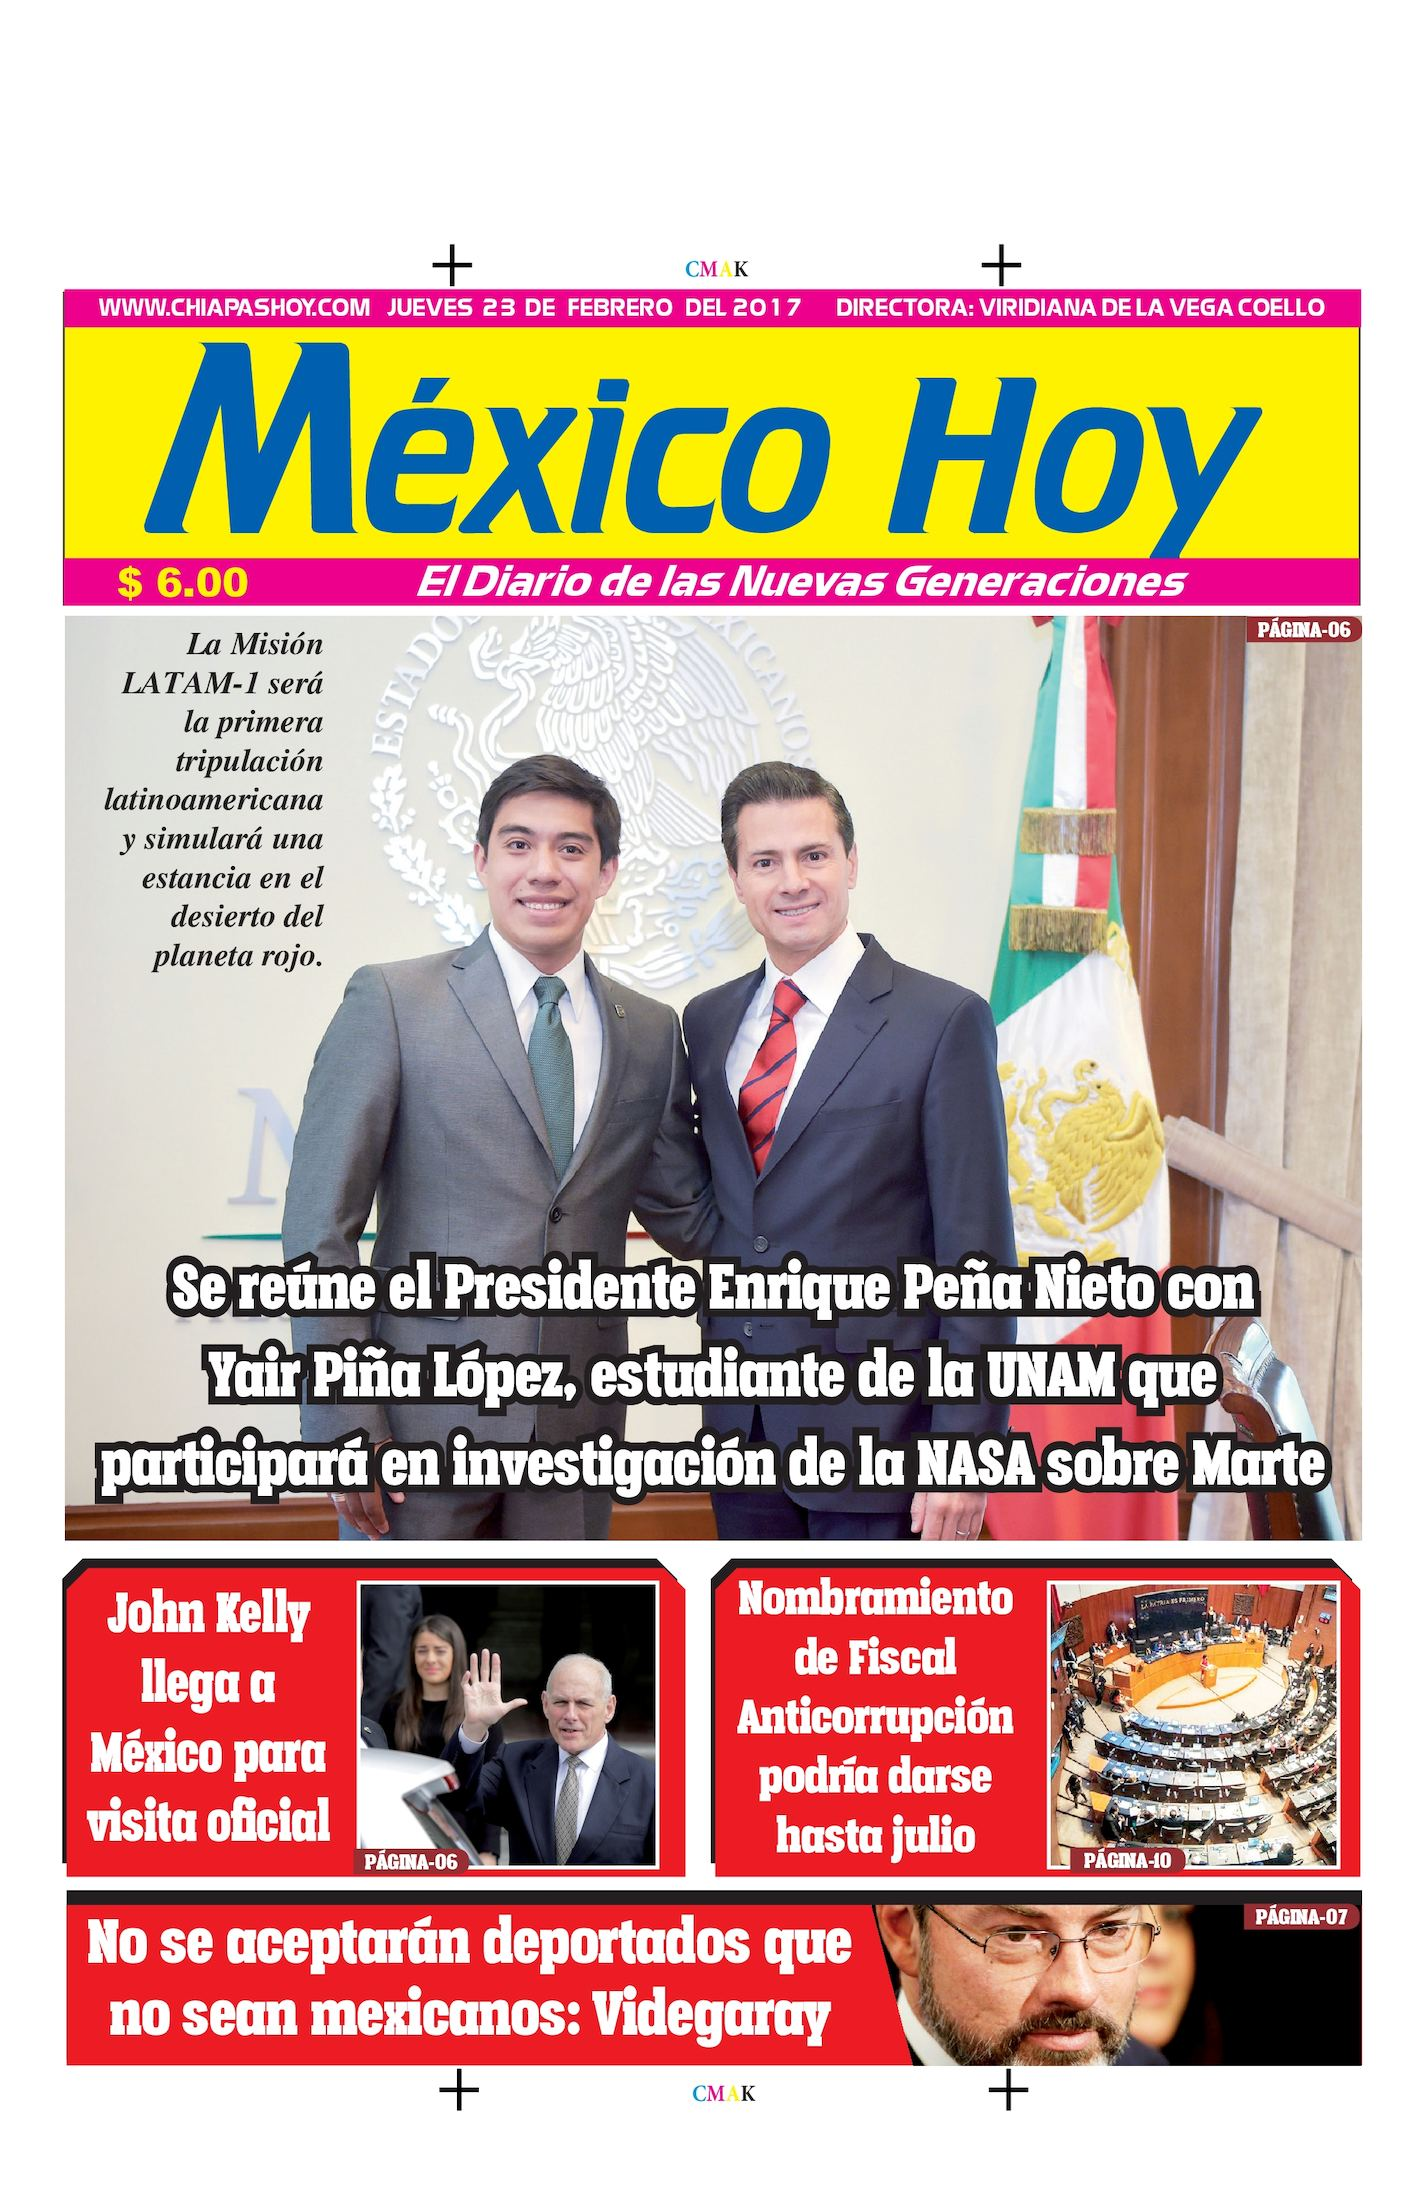 MEXICO 23 DE FEBRERO